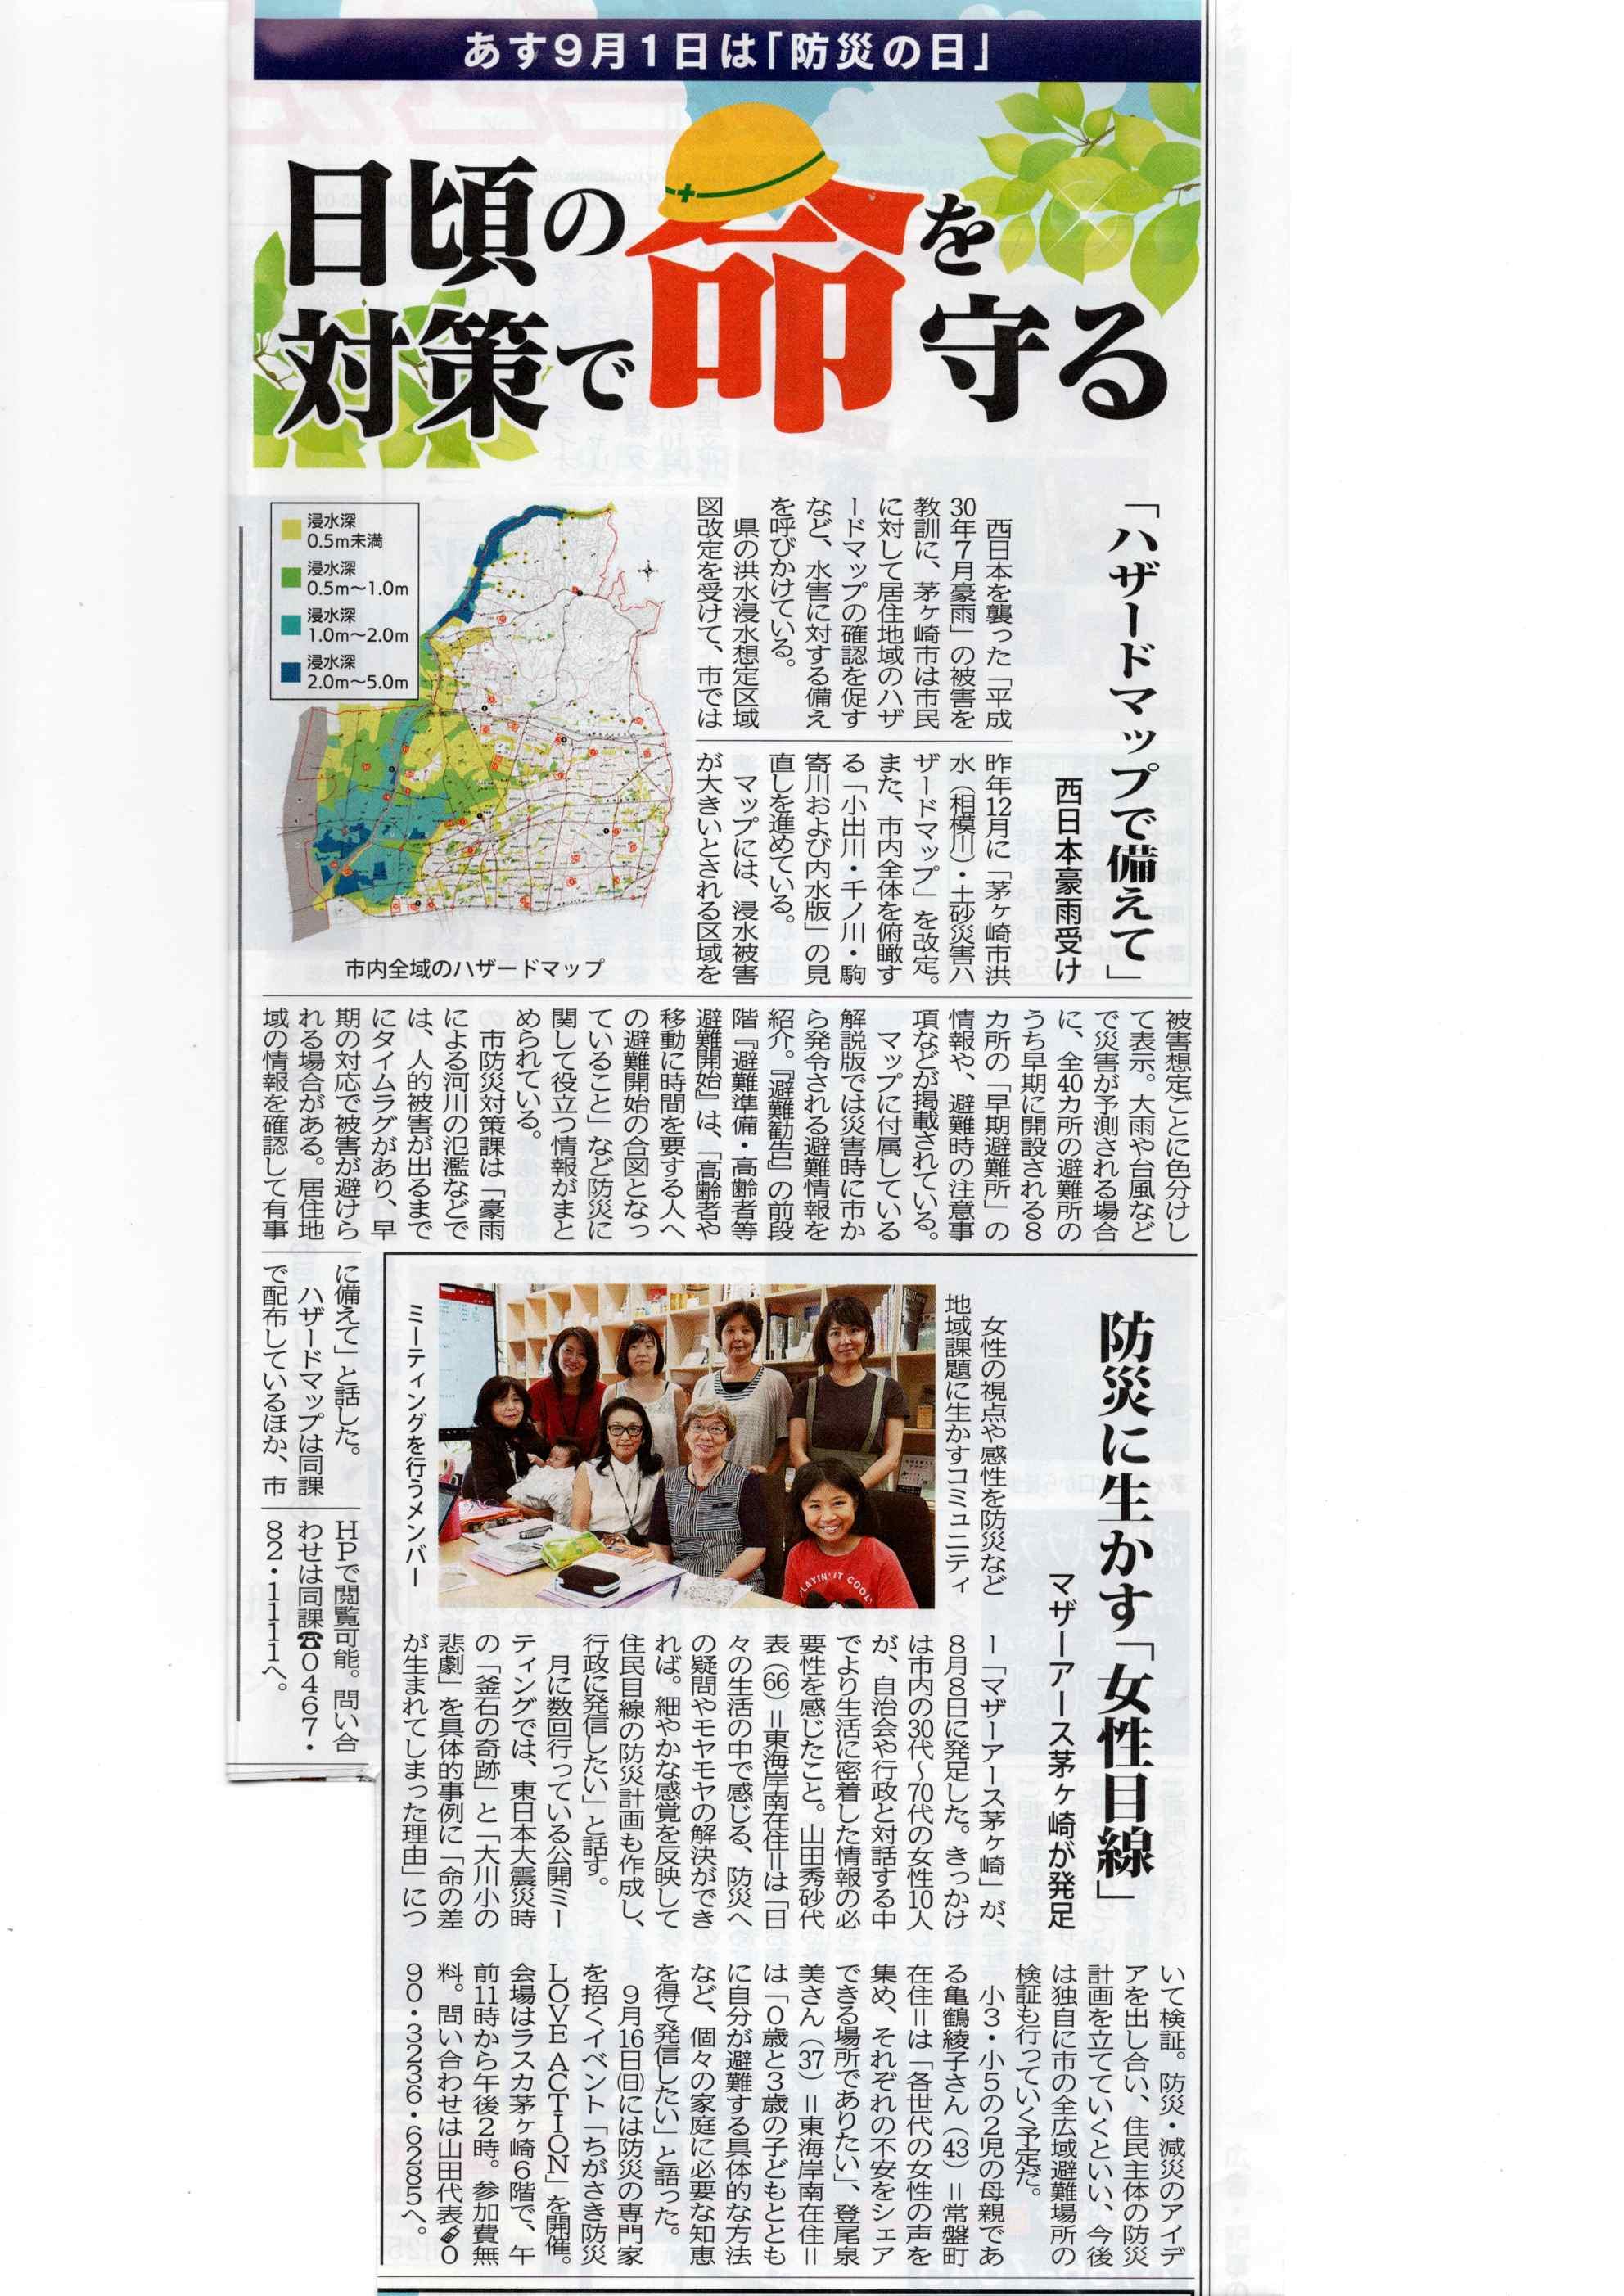 H30年8月8日マザーアース立ち上げ新聞